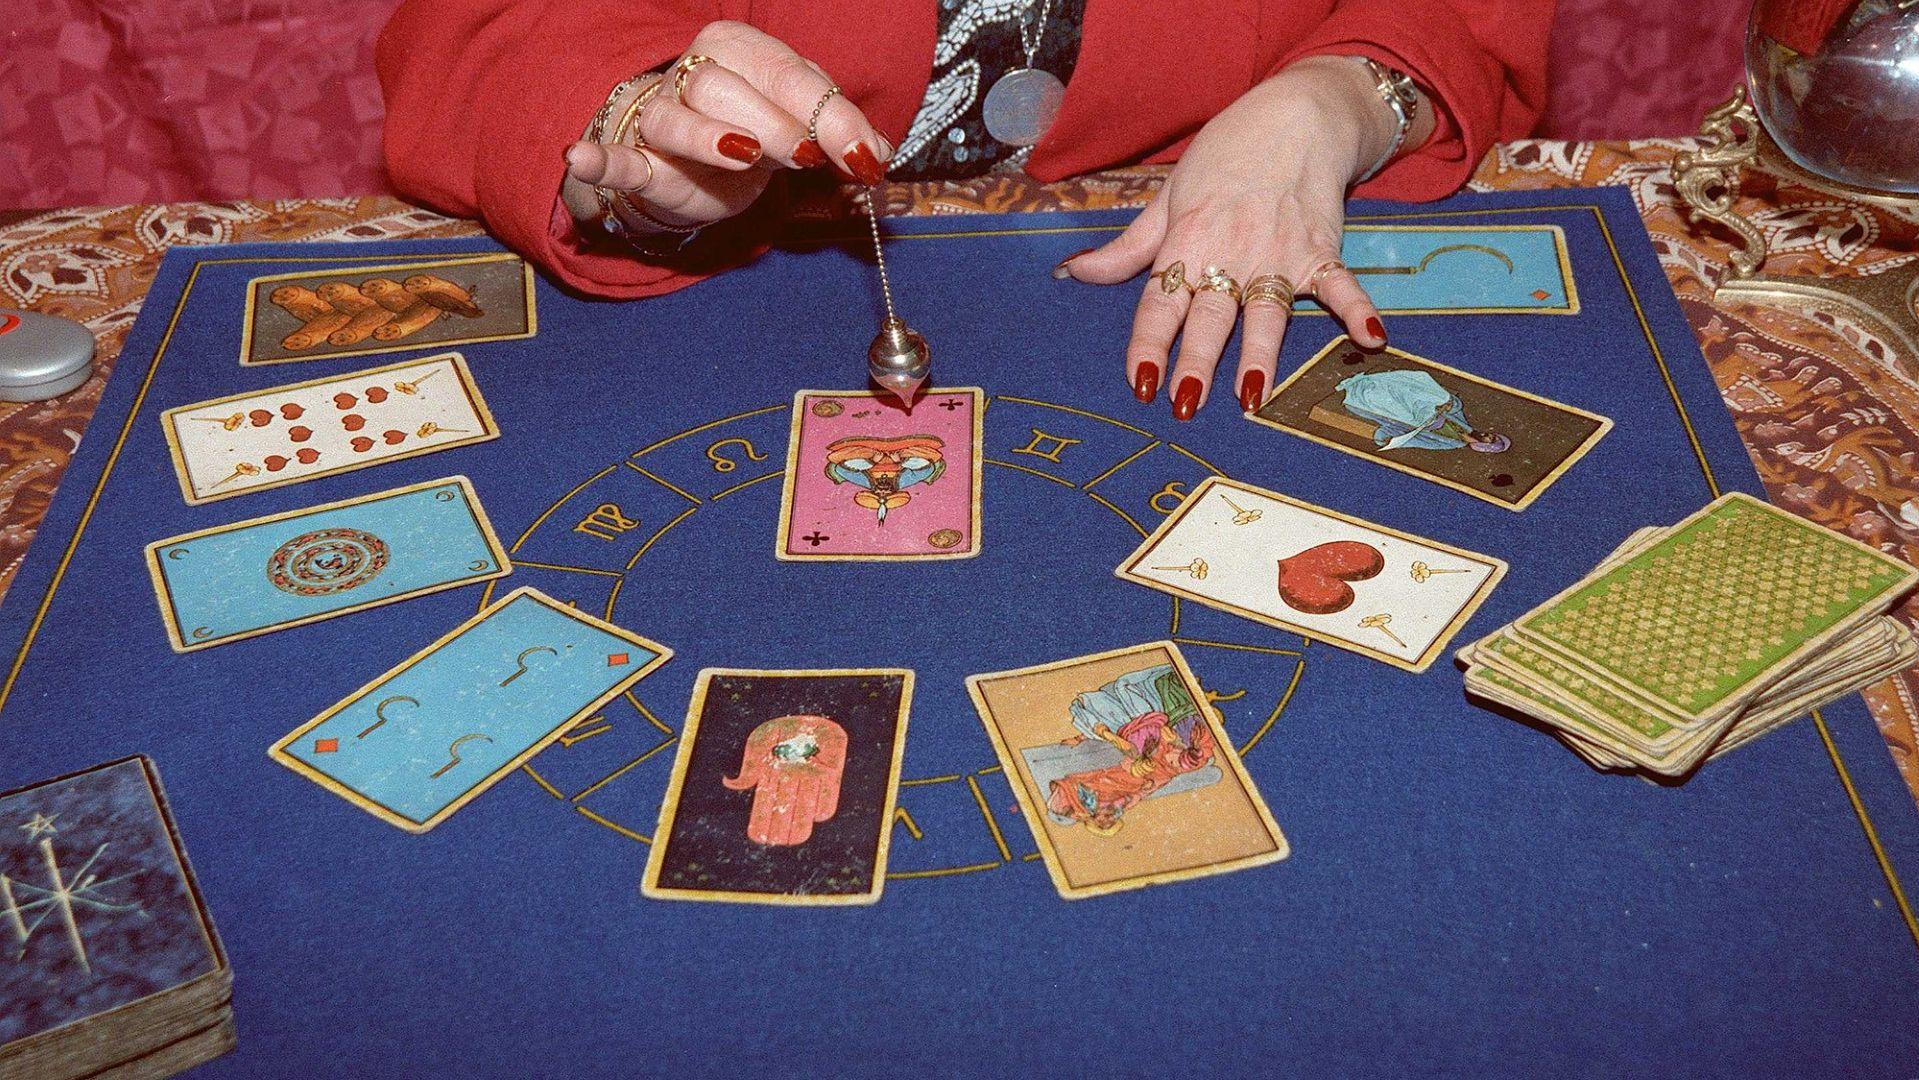 Wróżka Agnieszka zna się na amuletach, horoskopie, tarocie